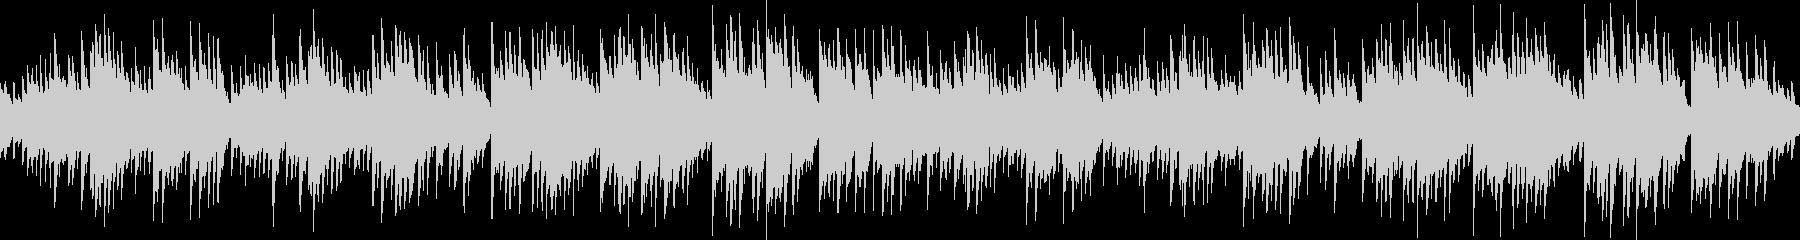 リラクゼーション系癒しピアノ(ループ可)の未再生の波形